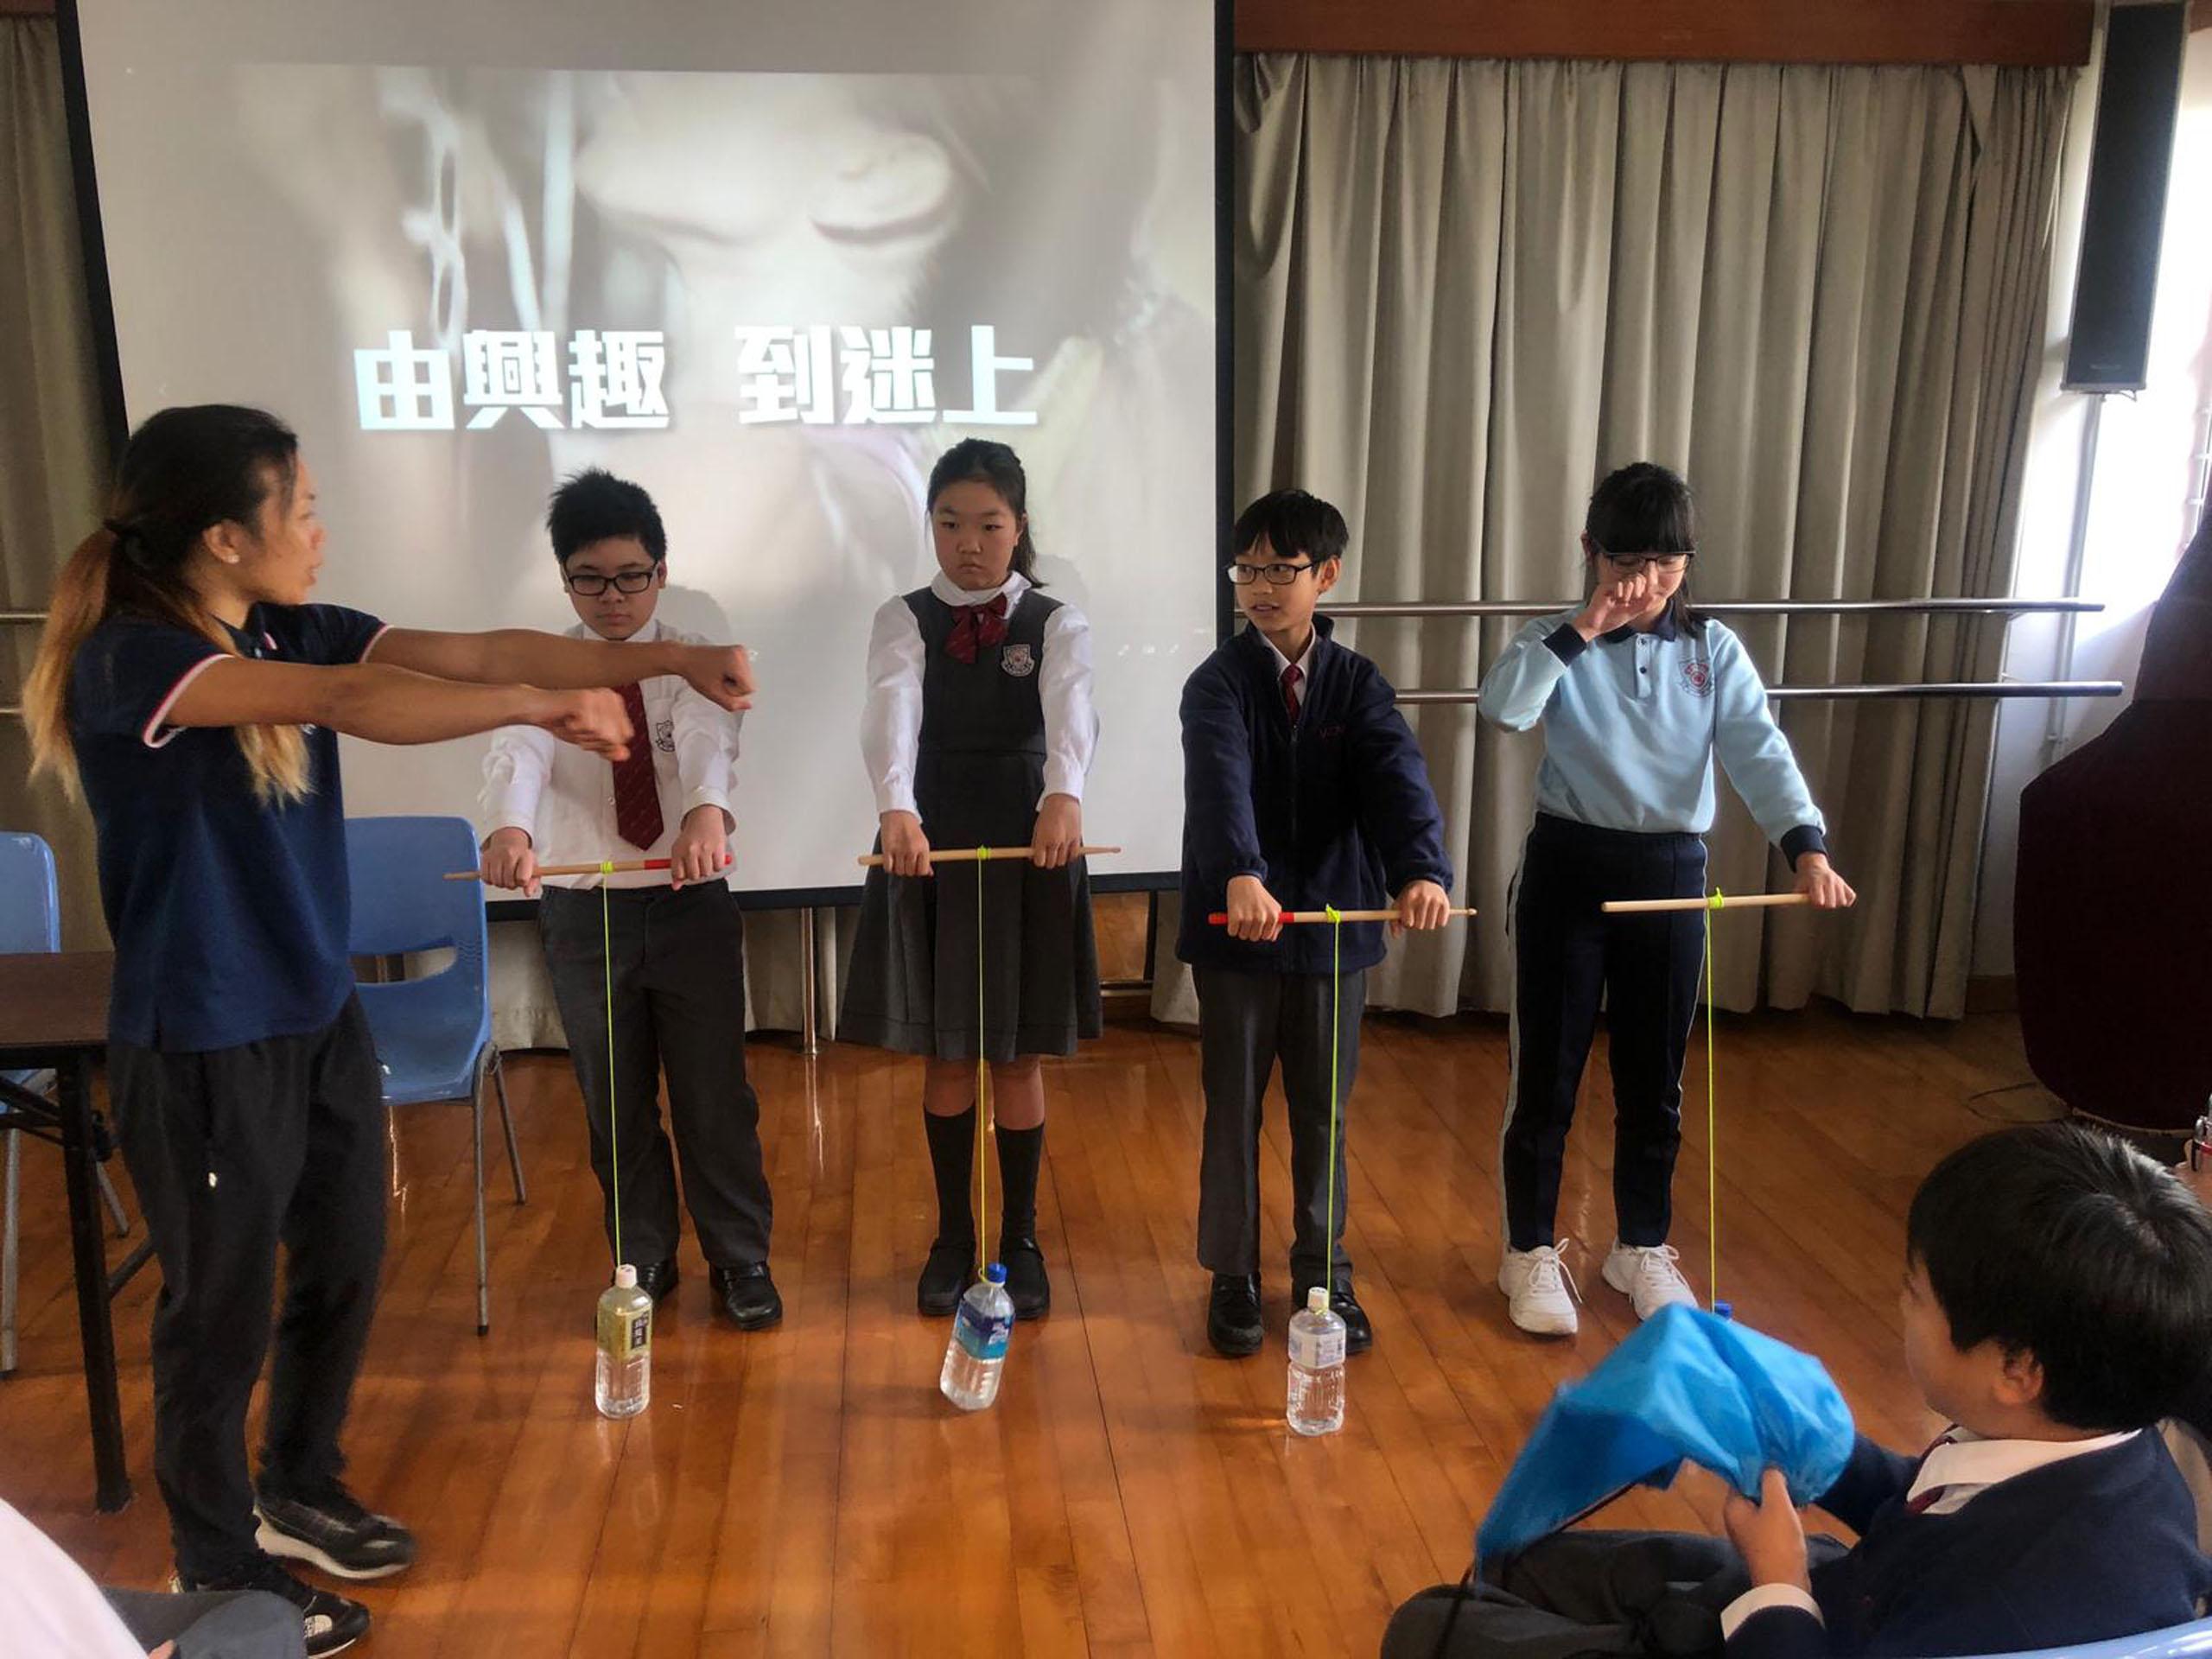 「奧林匹克教育計劃」講座